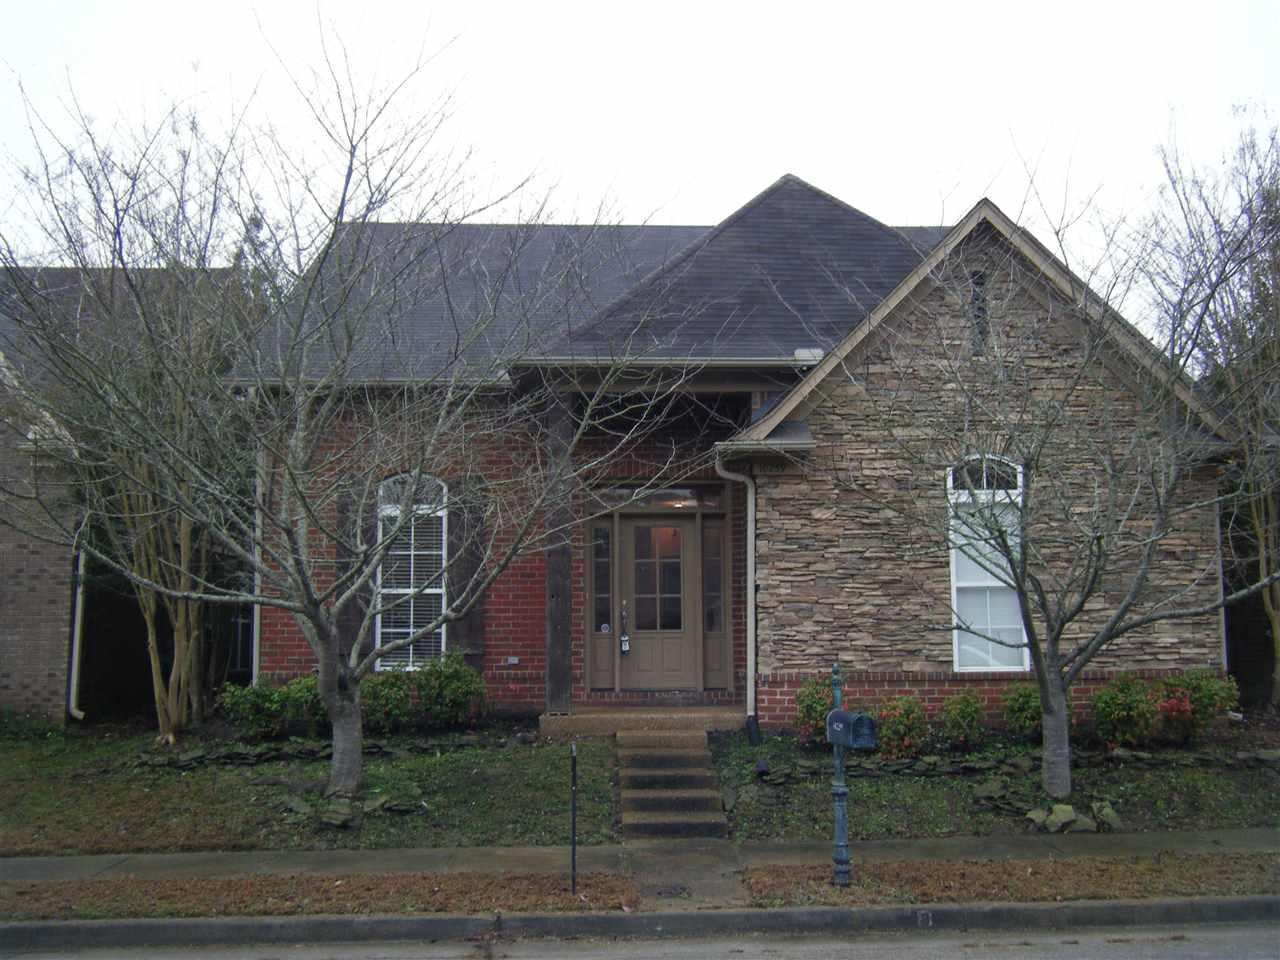 10259 Morning Hill Memphis, TN 38016 - MLS #: 10015057